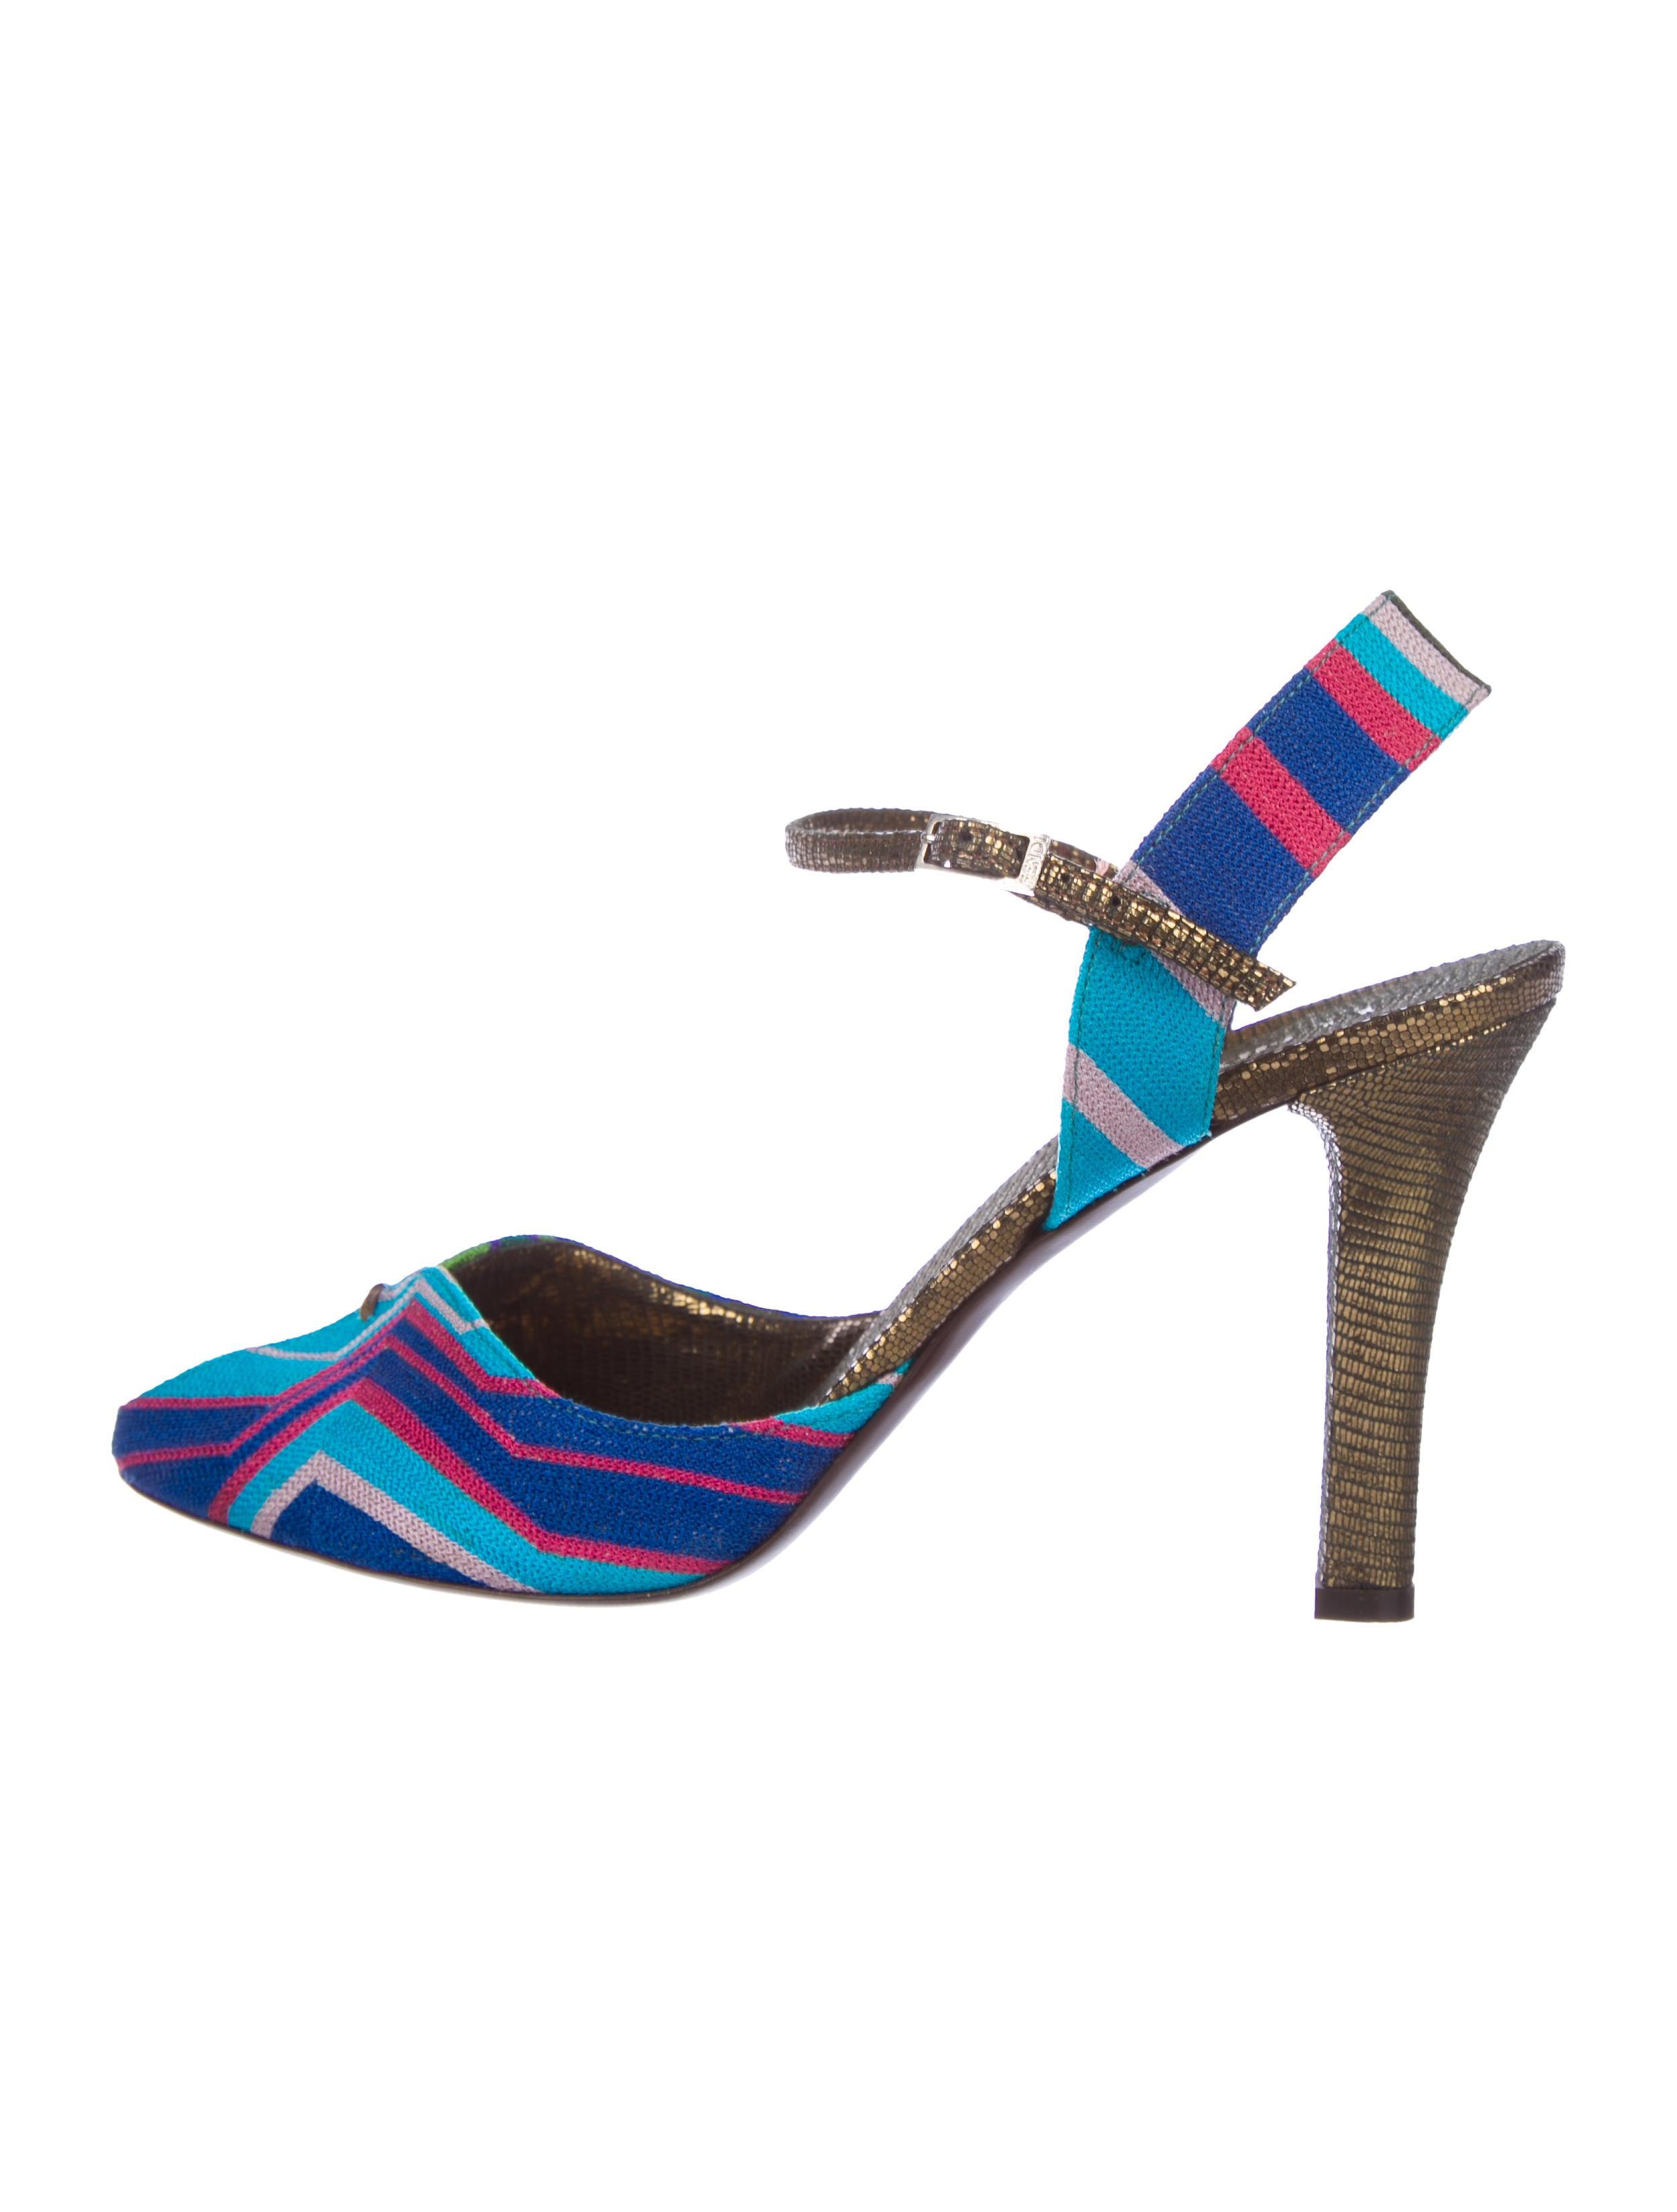 fake cheap online get authentic for sale Fendi Mary Jane Knit Sandals clearance shop discount explore huge surprise tkvYen6